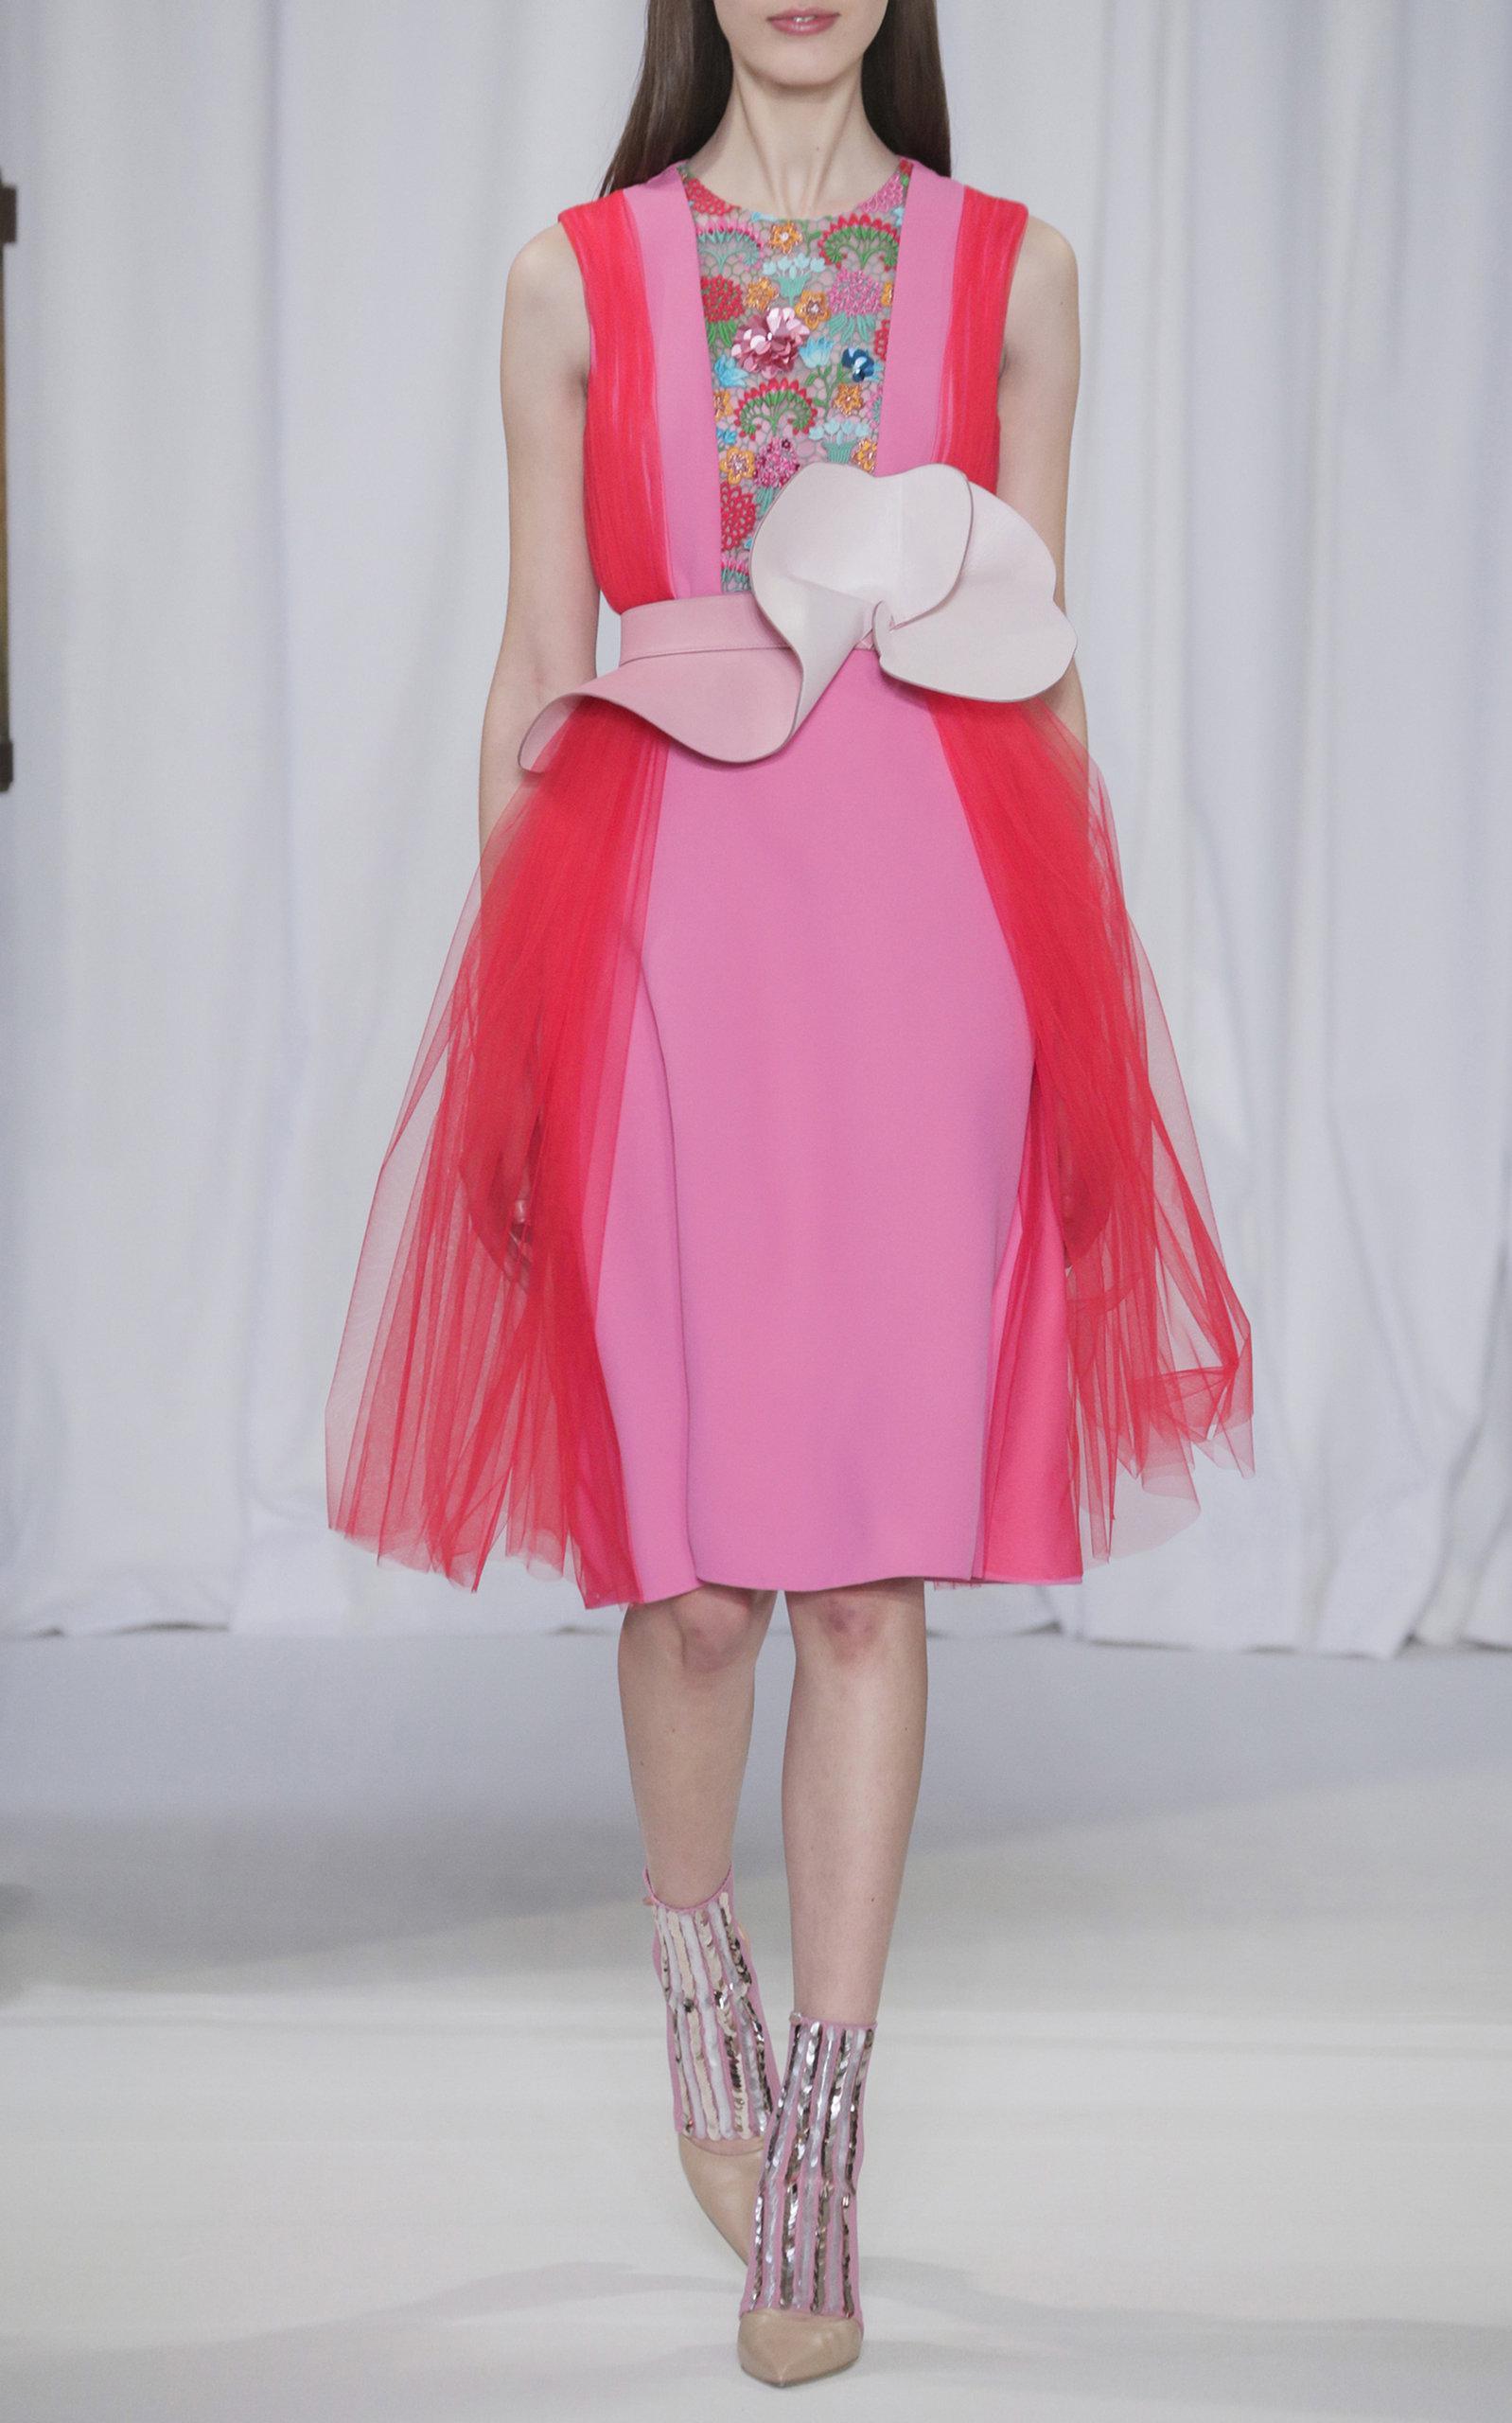 y vestido tul de rosa color Lyst Delpozo crepé bloque bordado xqwHpFS4